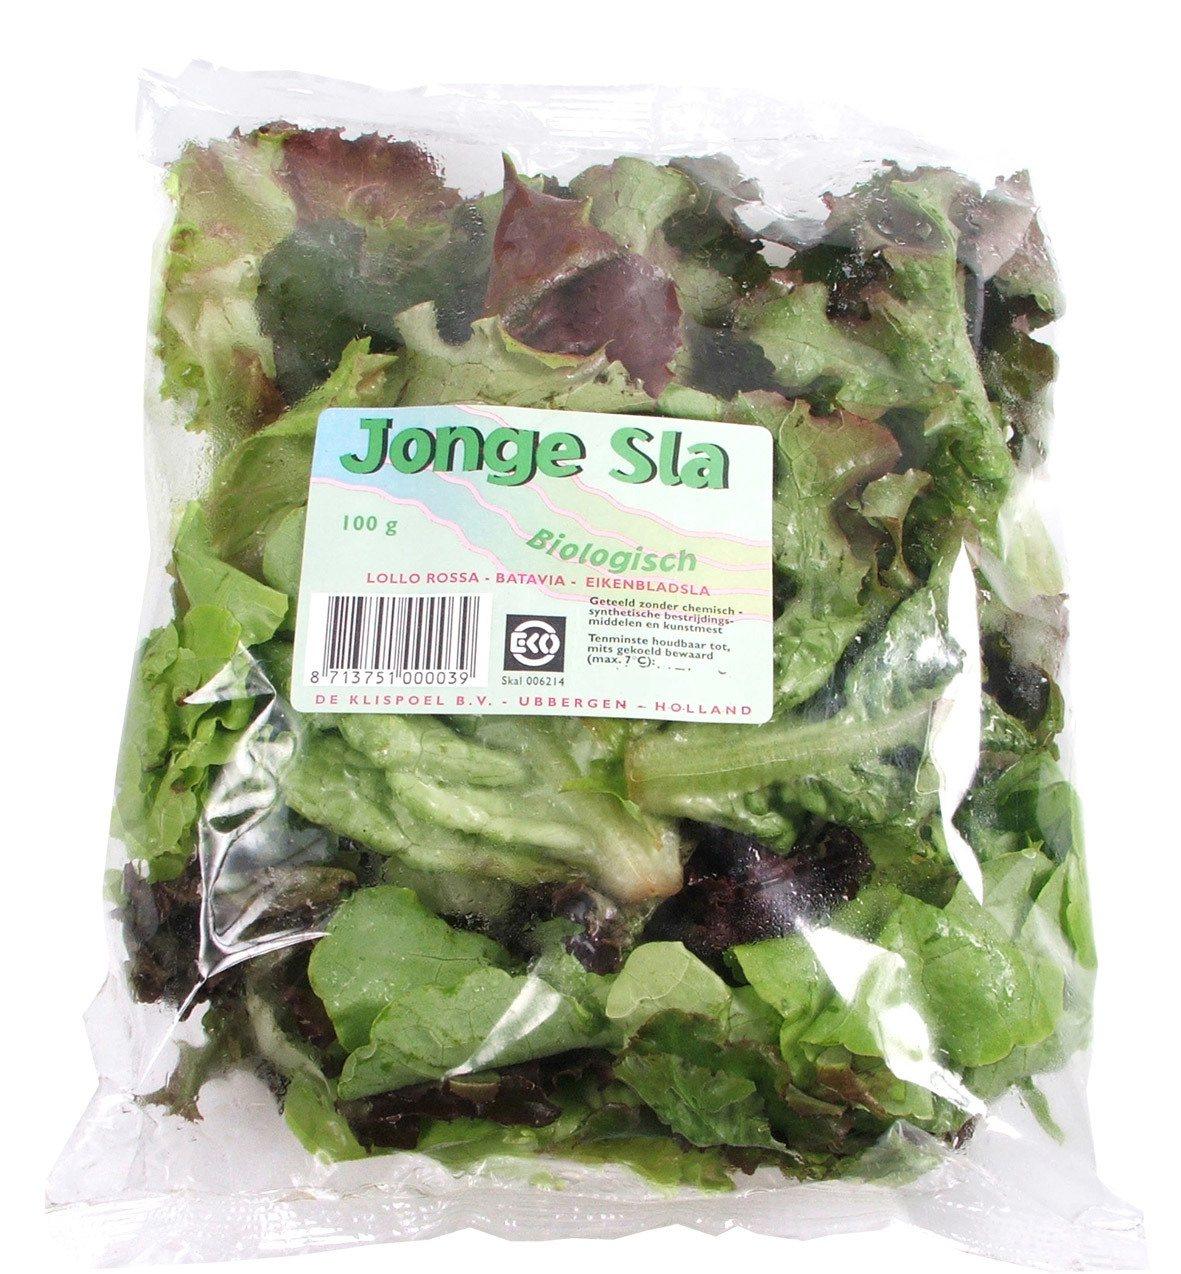 Biologische Klispoel Jonge sla 100 gr